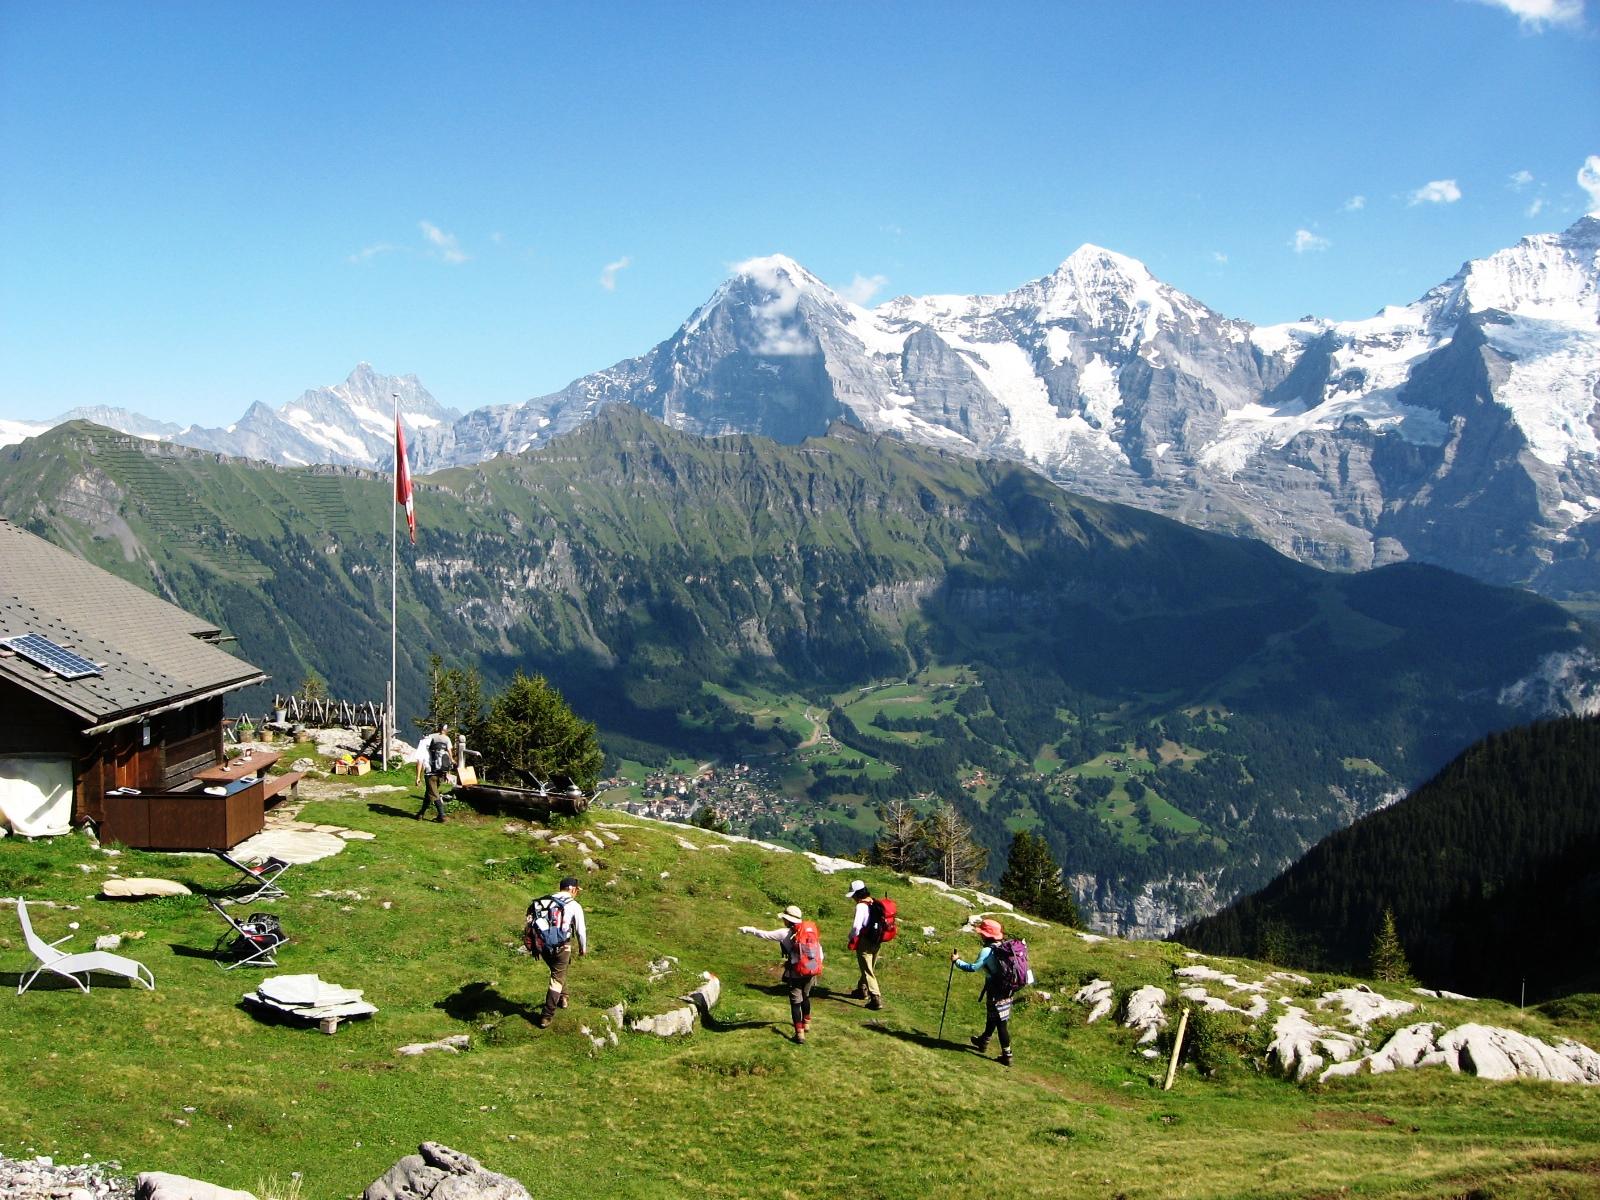 ロープホルン小屋(左)からベルナー・オー バーラント三山を望む。絶好の山岳展望が自 慢の山小屋